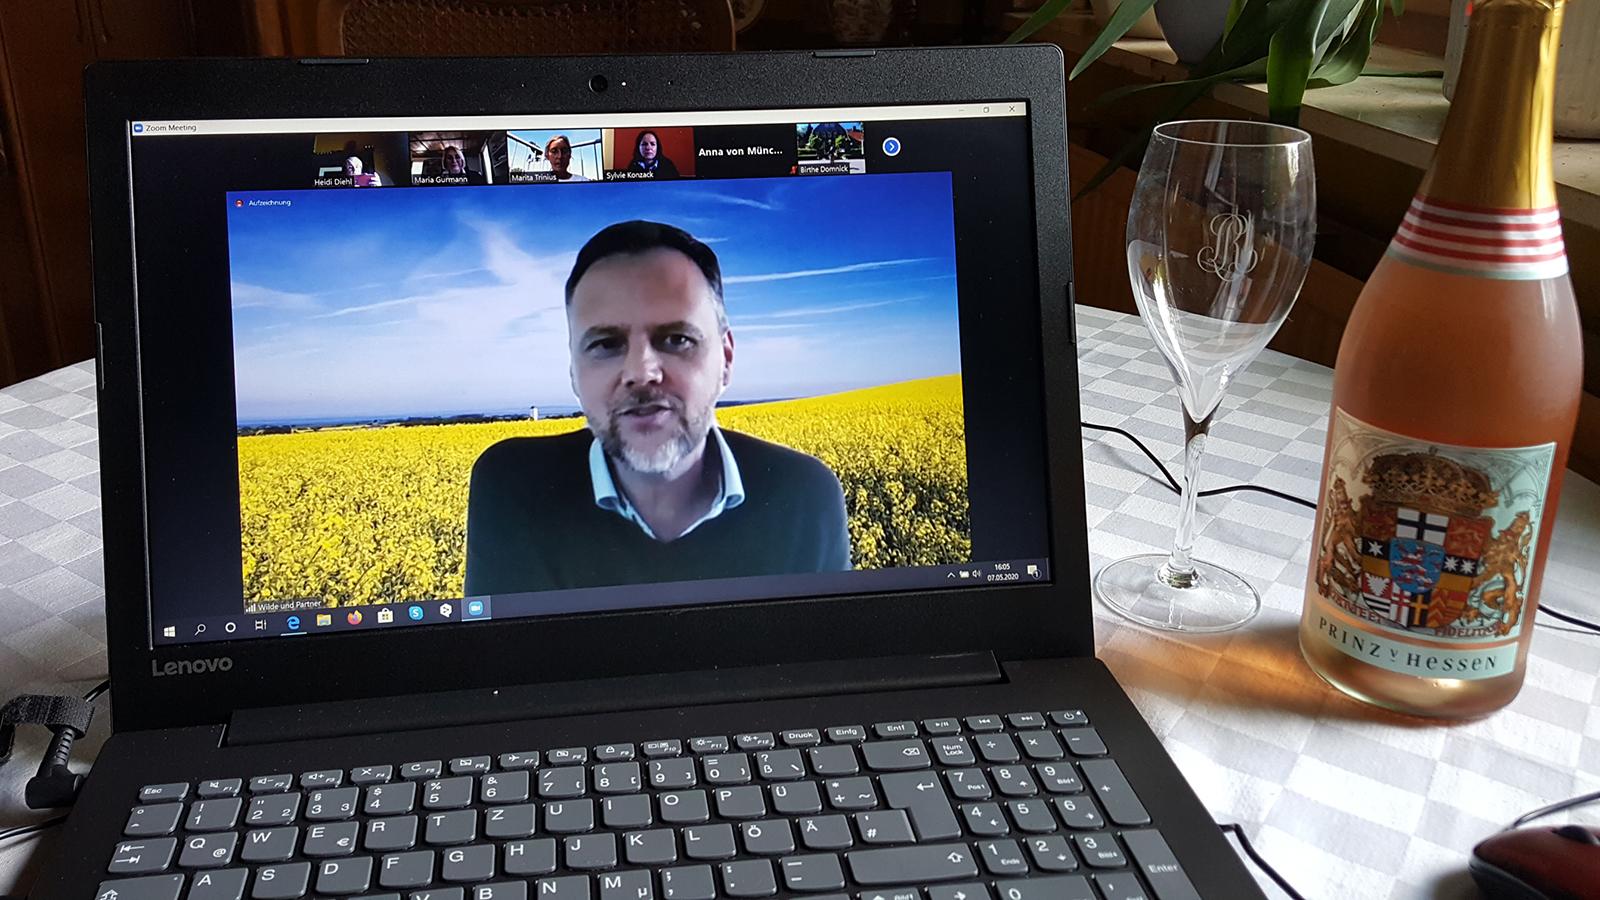 """Alles startklar; Die virtuelle Pressereise nach Gut Panker kann losgehen – und wird am Ende sogar doch noch """"in echt"""" die Sinne ansprechen, einer pünktlich zugestellten """"Flaschenpost"""" sei Dank. (Foto: Heidi Diehl)"""